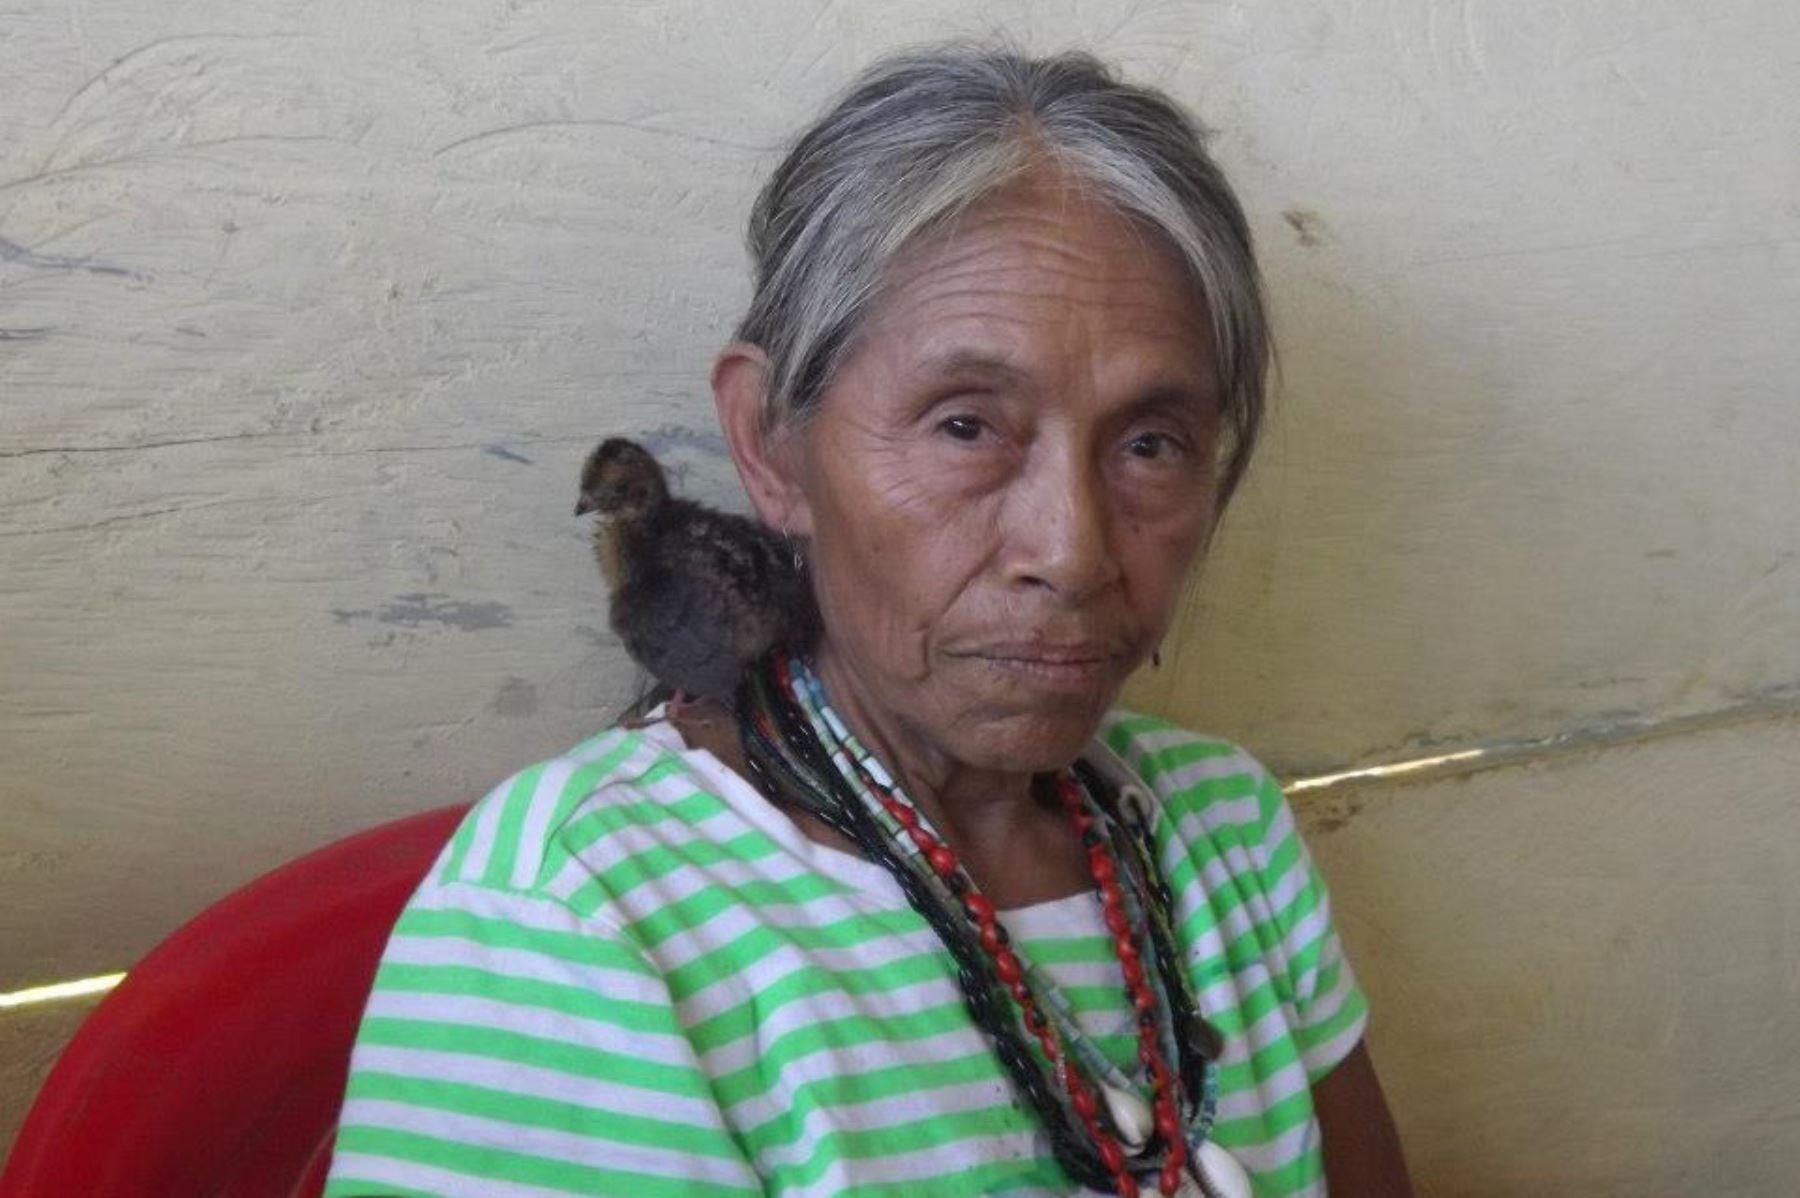 Manuela, integrante de la comunidad amazónica matsigenka que conoce y se expresa en las lenguas harakbut, en su variedad wachiperi, el matsigenka y el castellano.